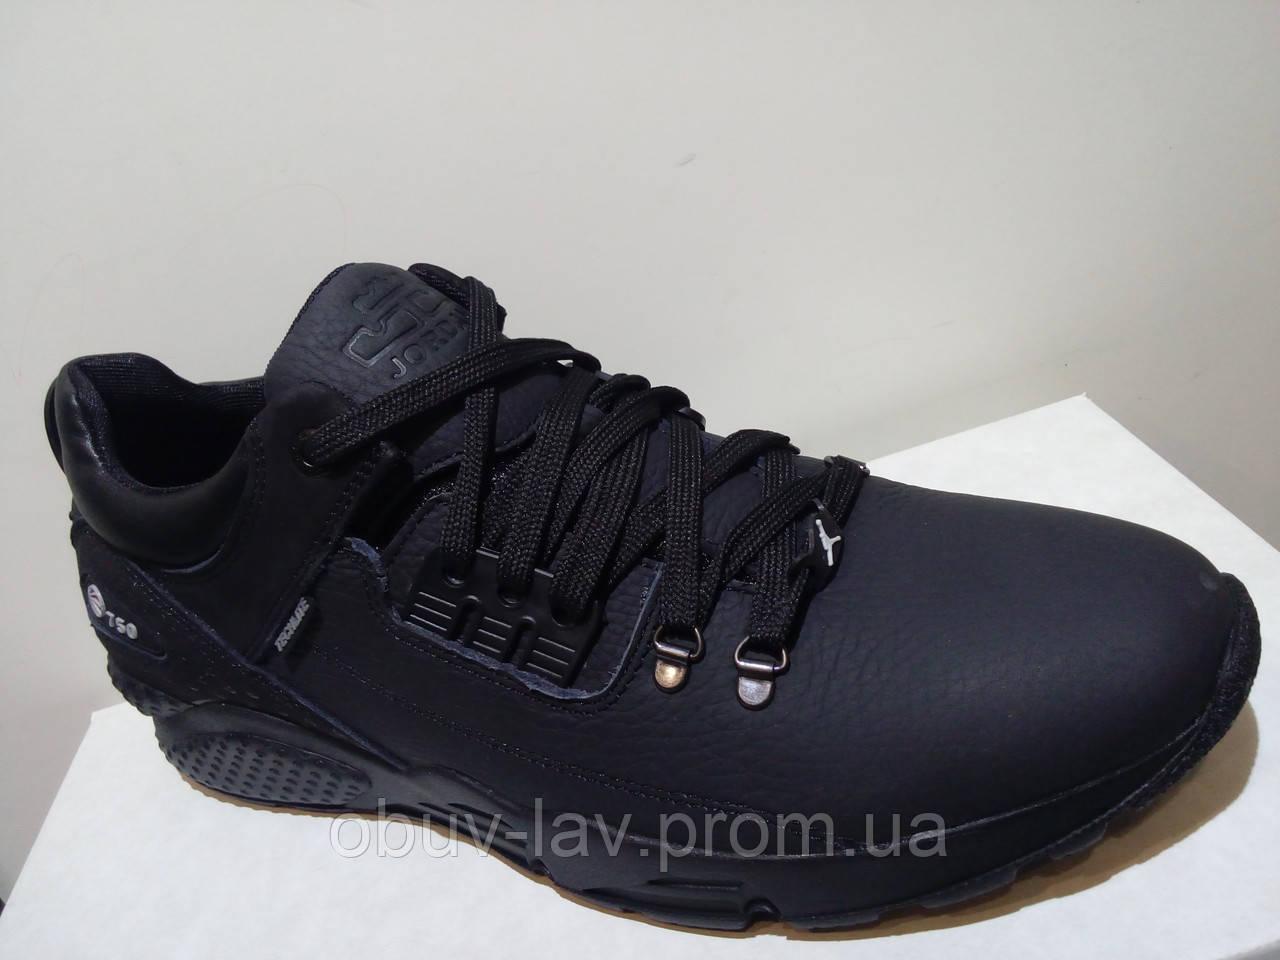 Кожаные мужские кроссовки Jordan модель 750 - Интернет-магазин спортивной  обуви